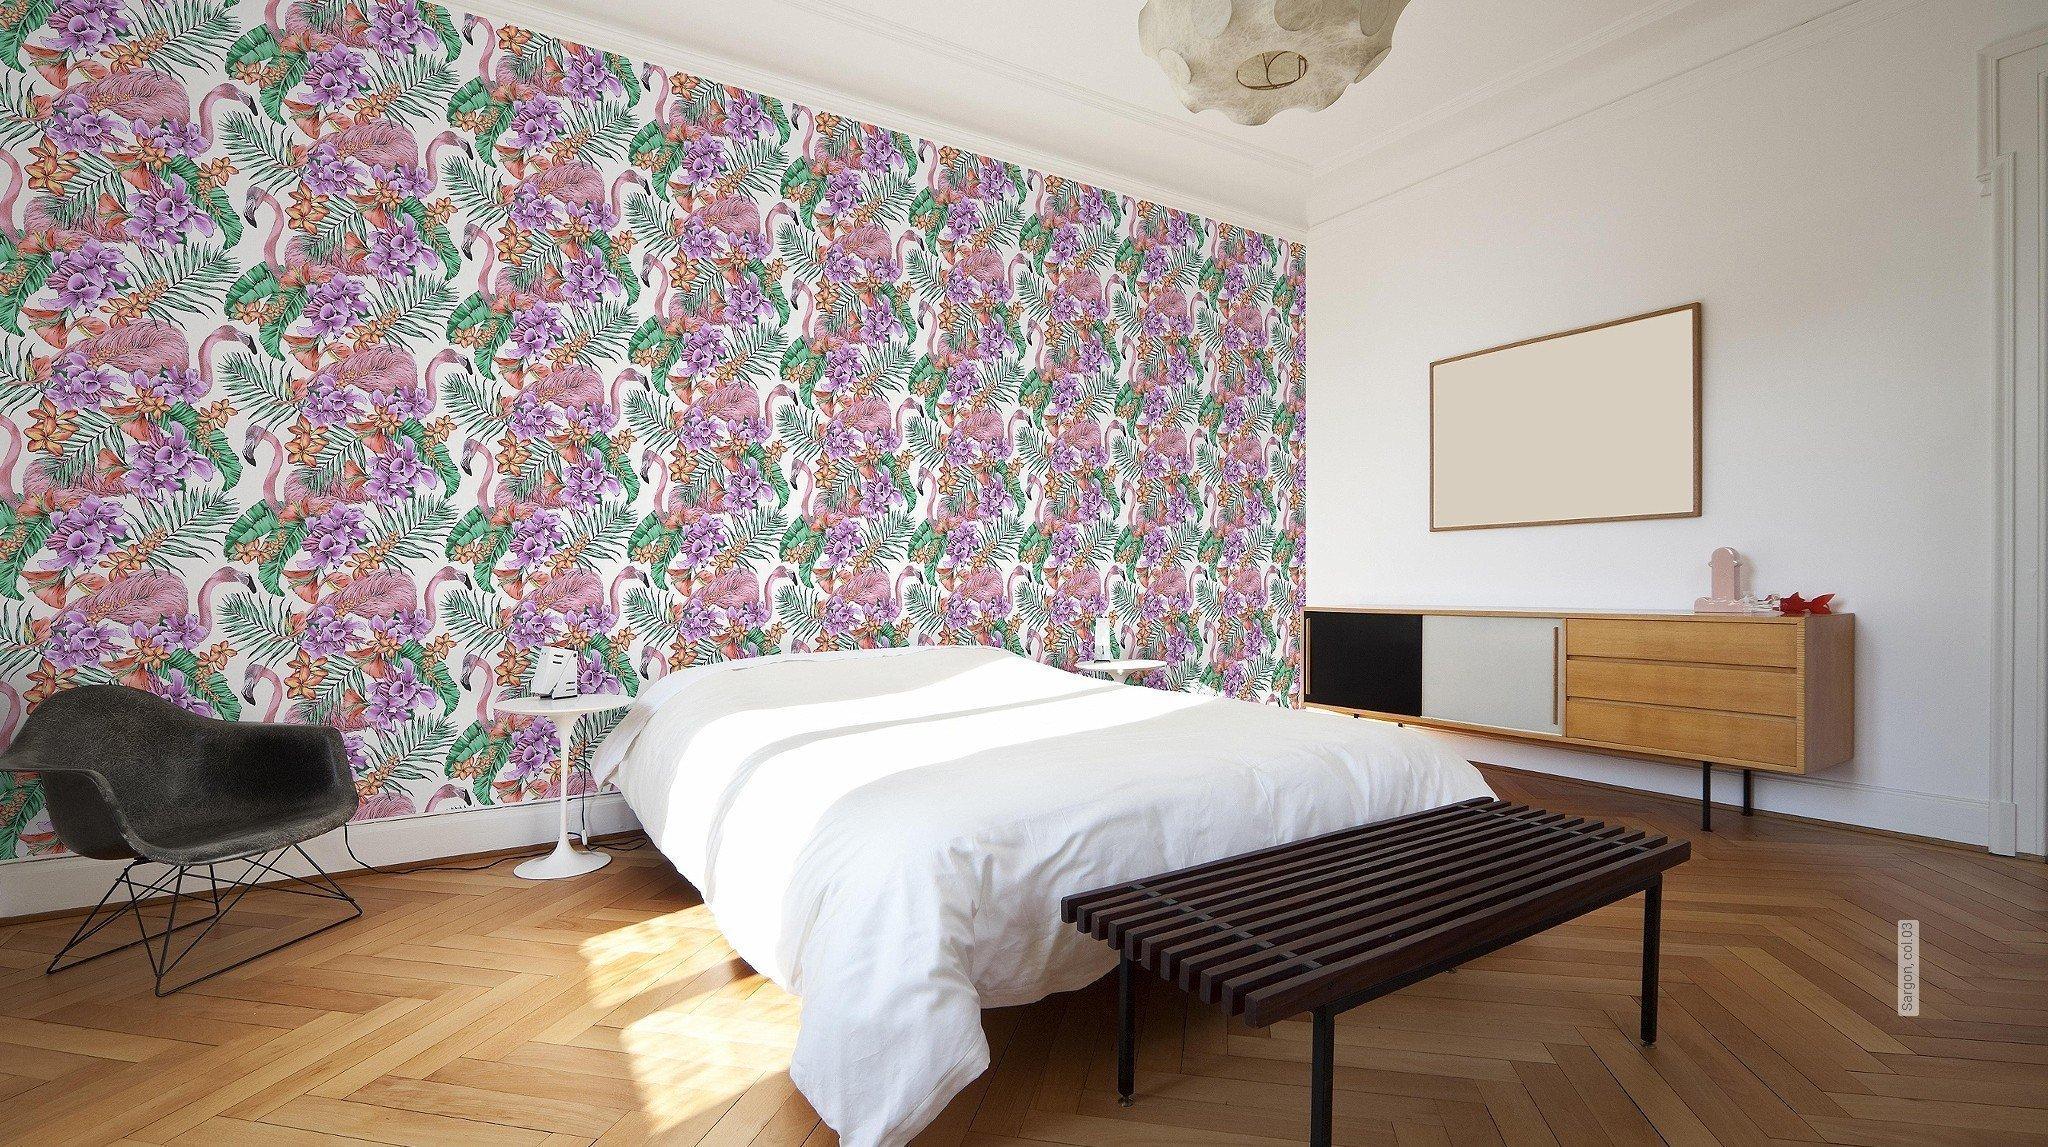 Tapeten trends wohnzimmer 2015 atemberaubende modelle for Tapeten modelle